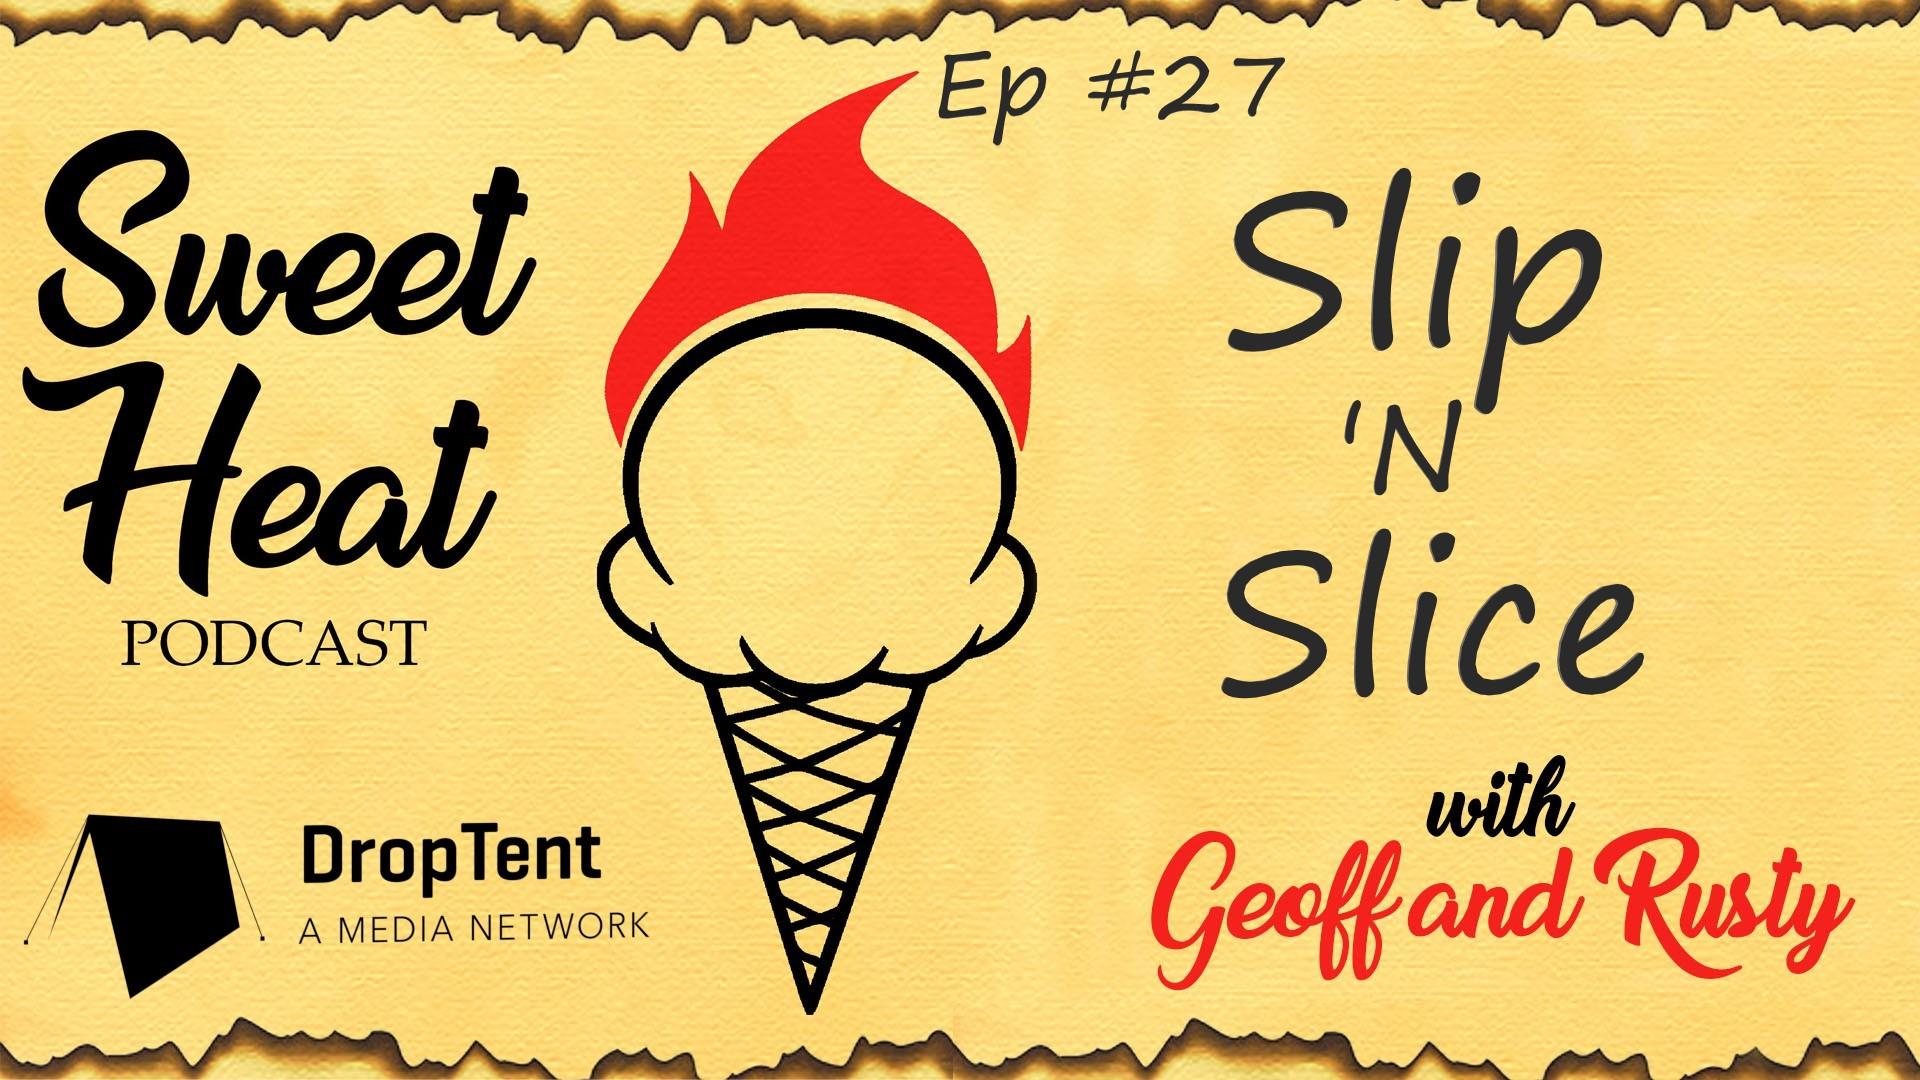 Slip 'N Slice - Ep 27 show art